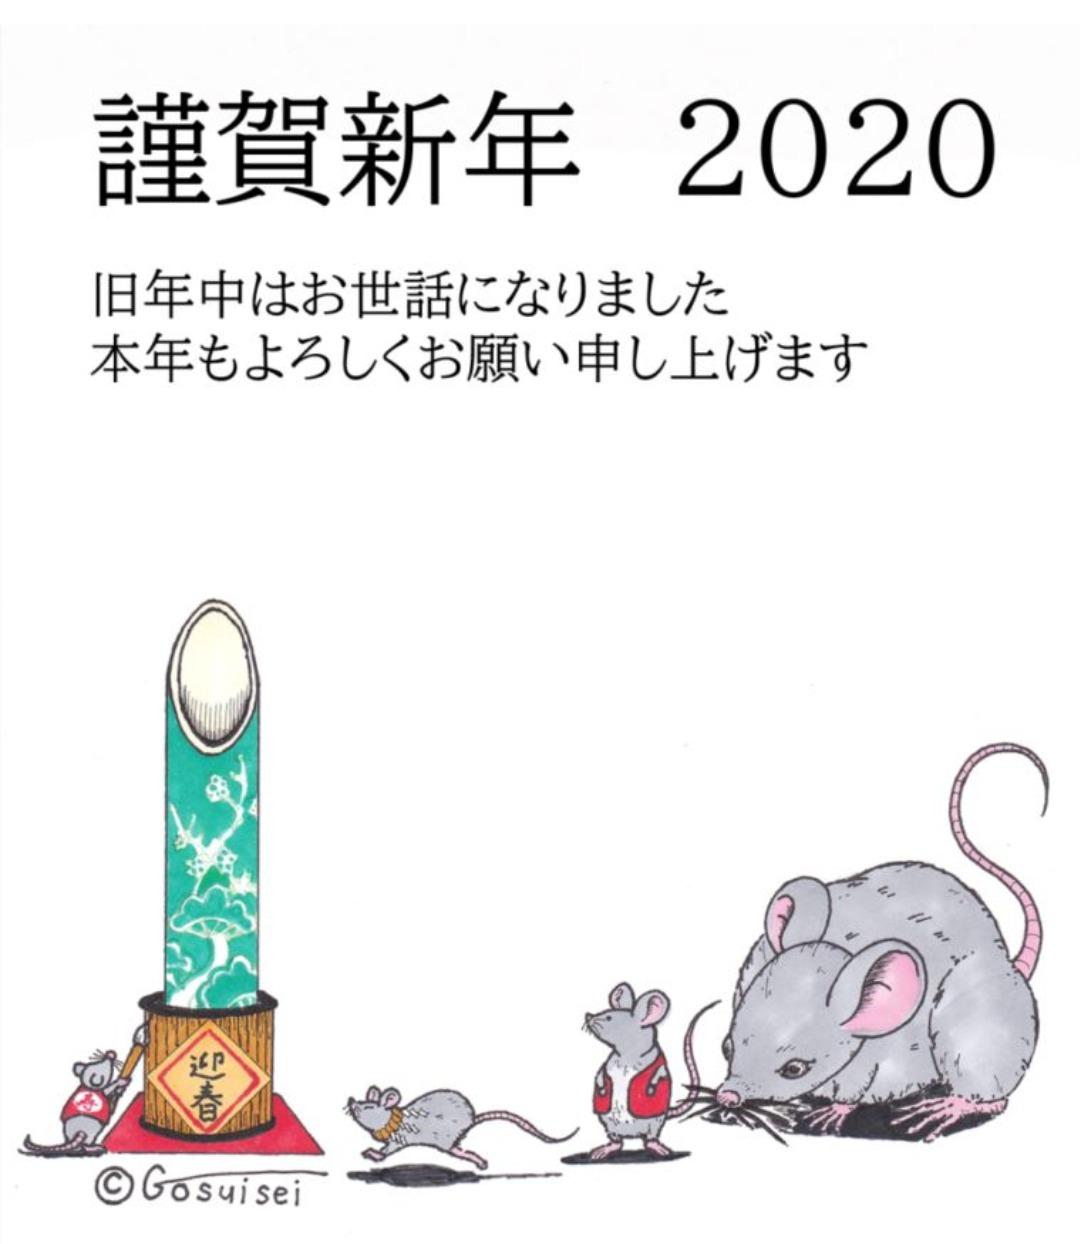 2020年も新年どころか新年度突入